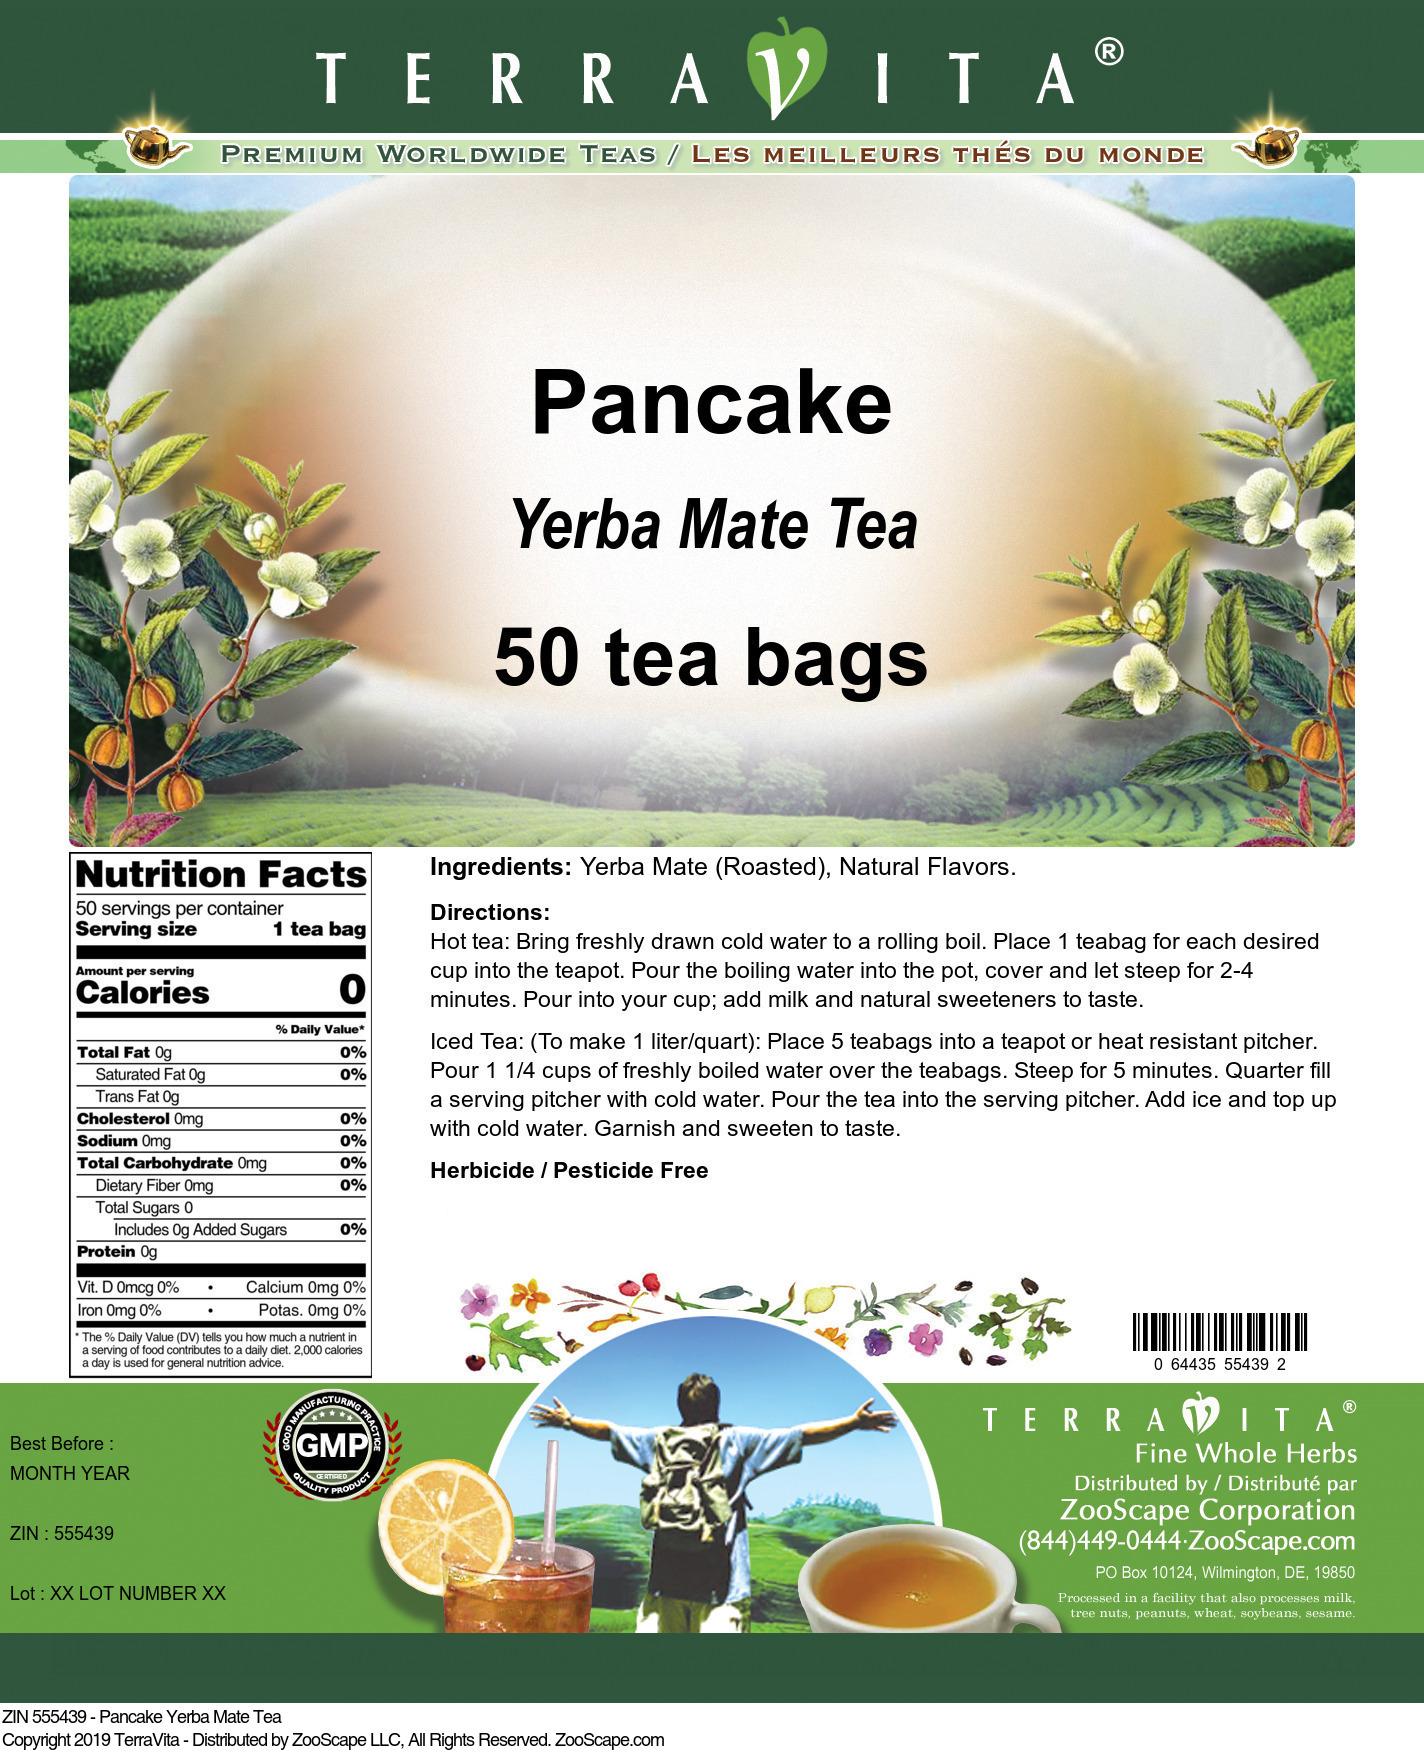 Pancake Yerba Mate Tea